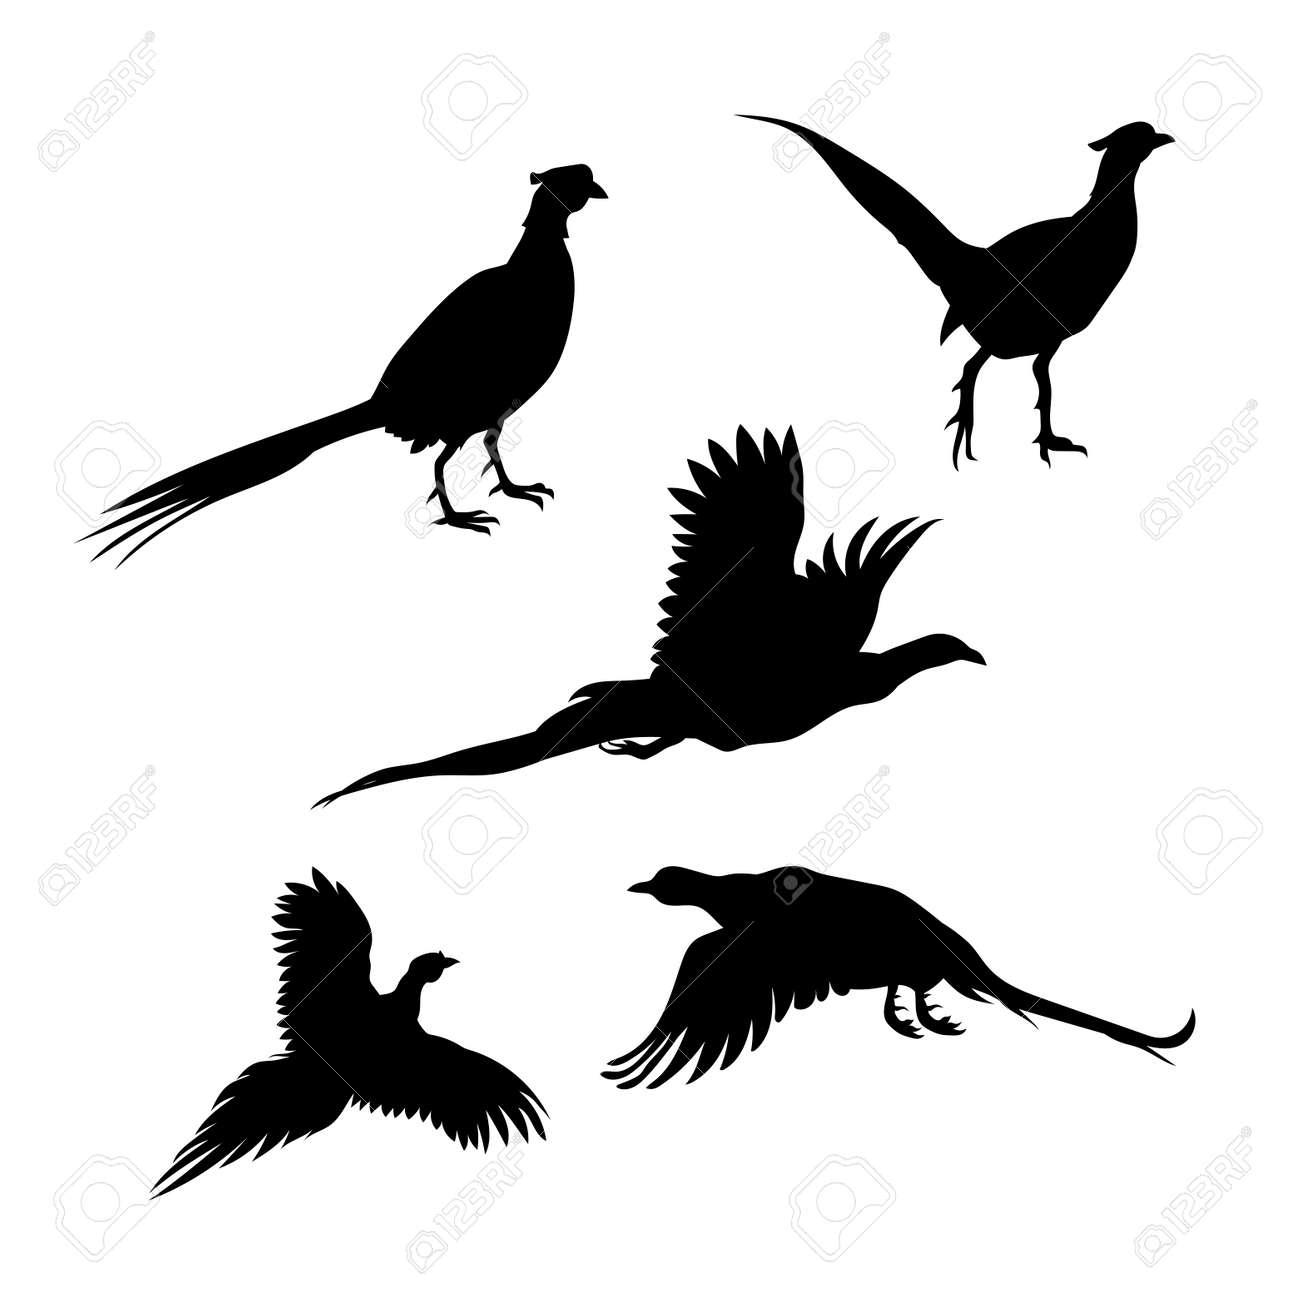 鳥のキジのベクトルのアイコンとシルエットさまざまなポーズのイラスト